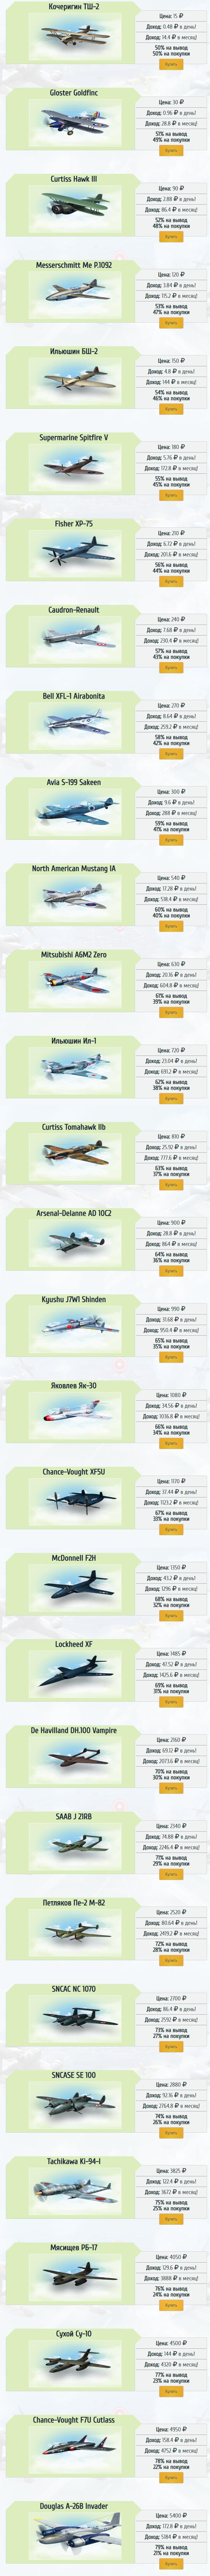 SUPER WINGS - Экономическая онлайн игра - super-wings.space